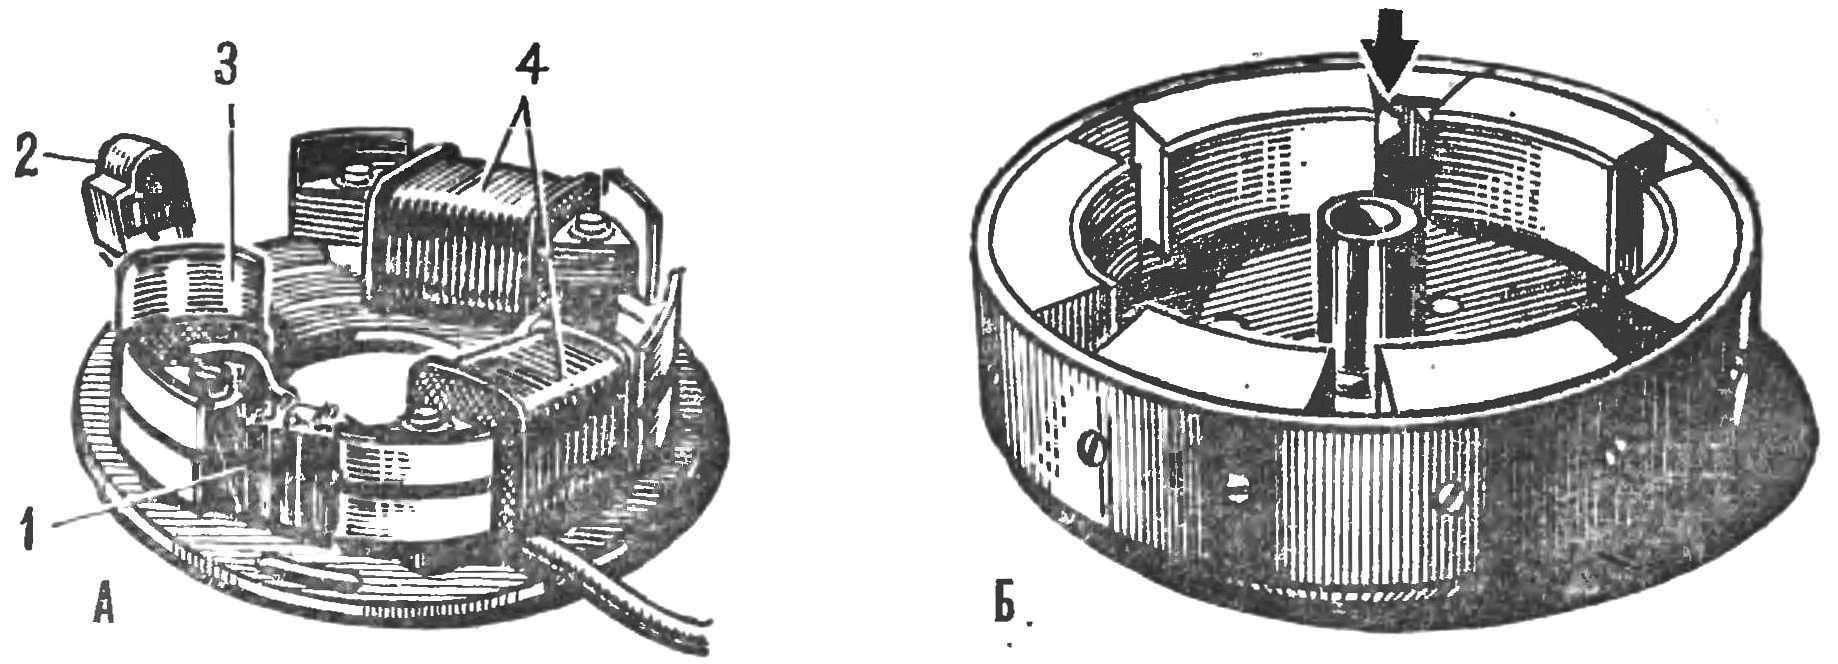 Рис. 7. Детали системы электронного зажигания